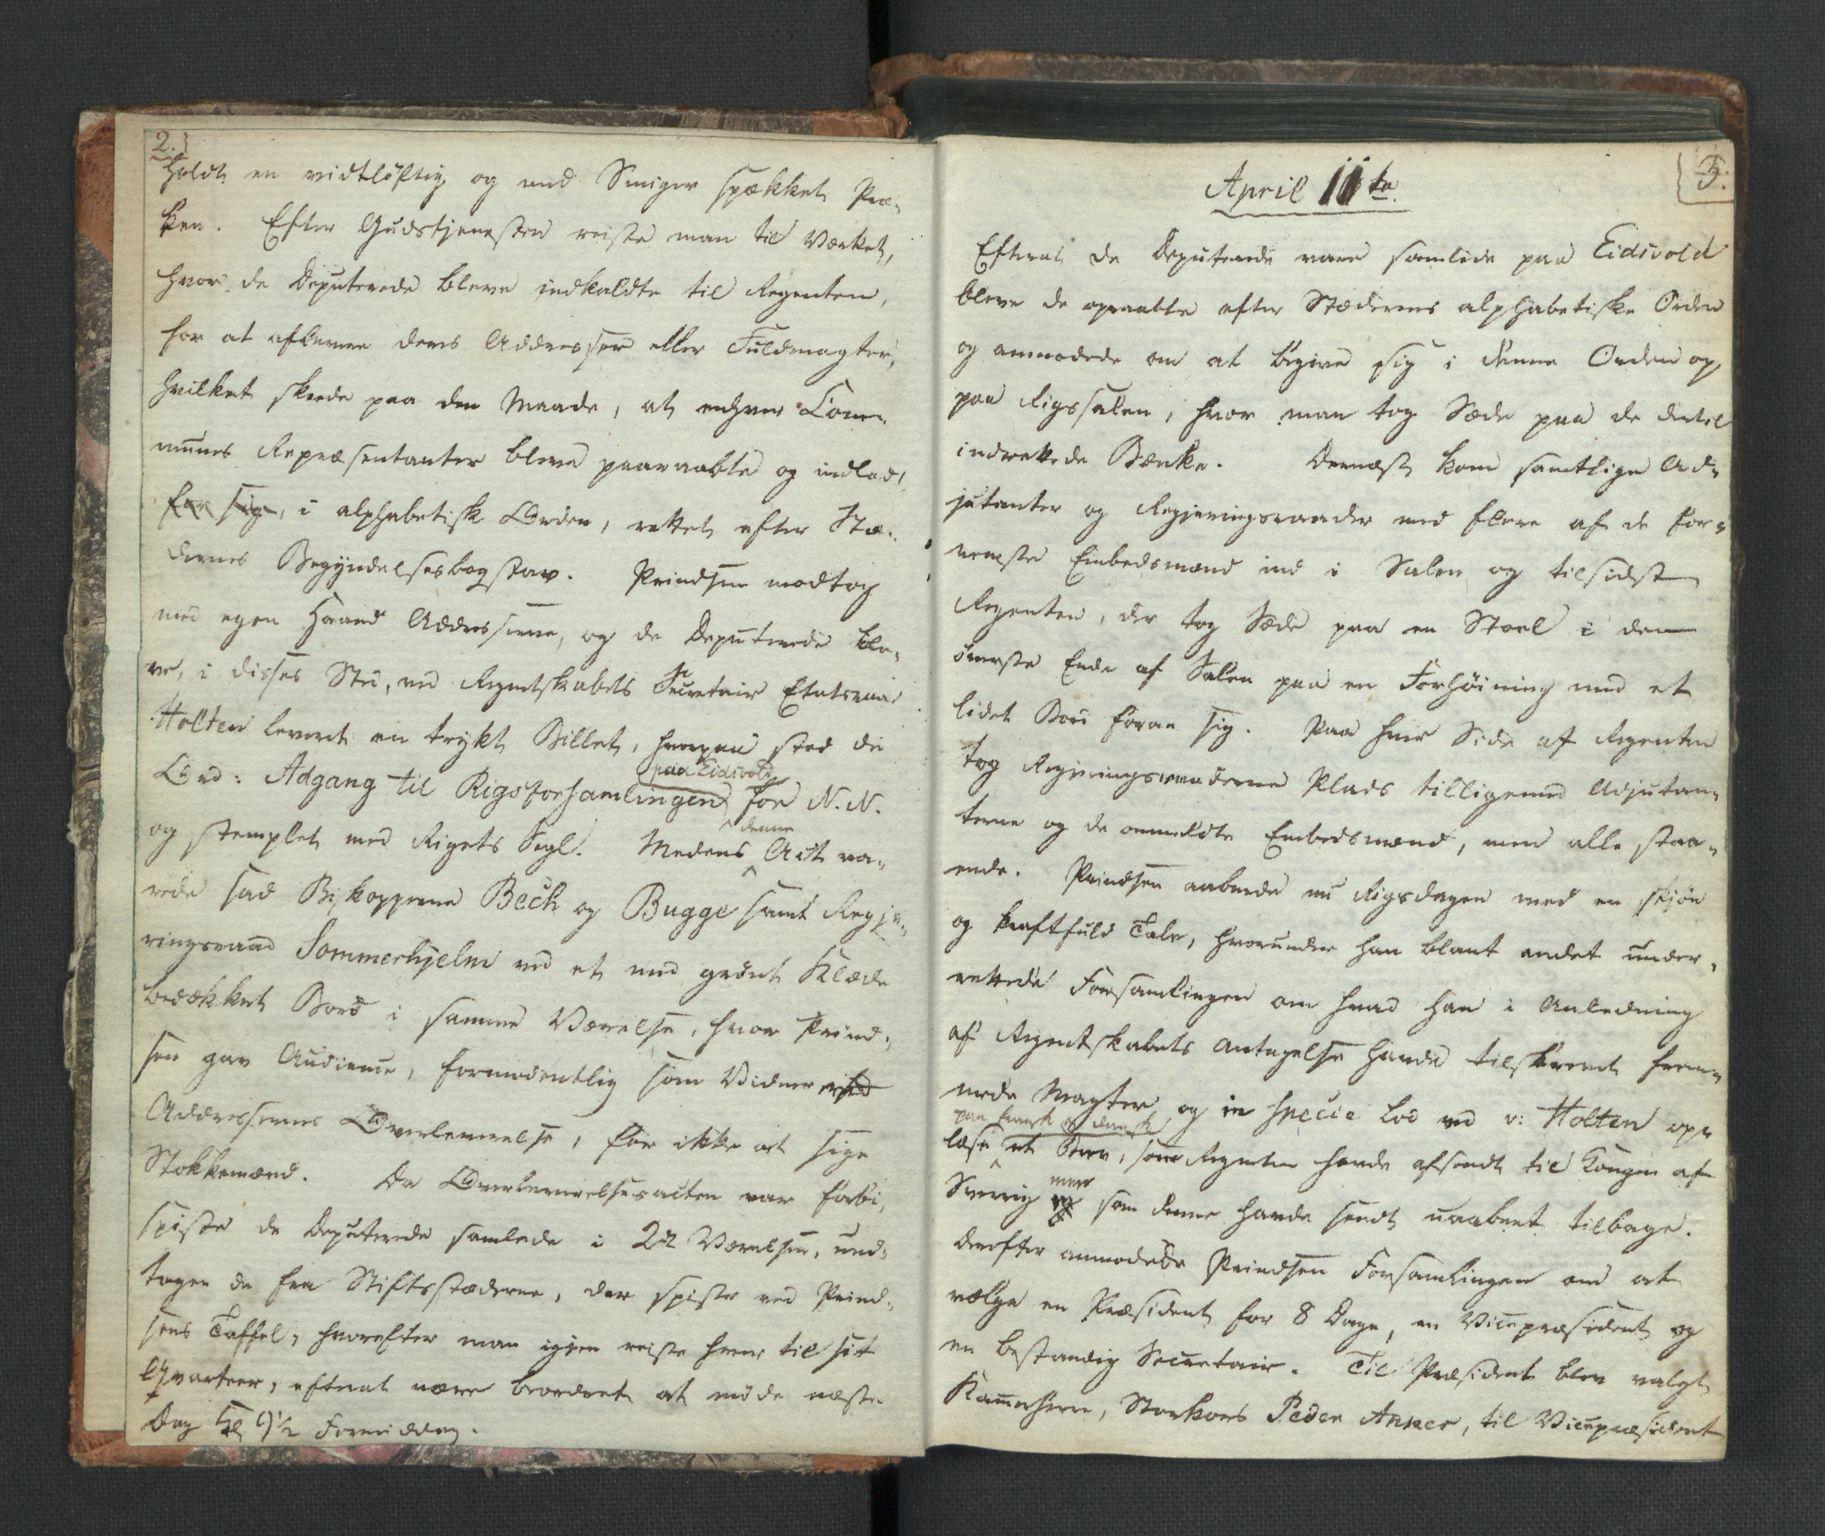 RA, Manuskriptsamlingen, H/L0021: Byfogd Gregers Winther Wulfbergs dagbok under Riksforsamlingen på Eidsvoll, 1814, s. 2-3